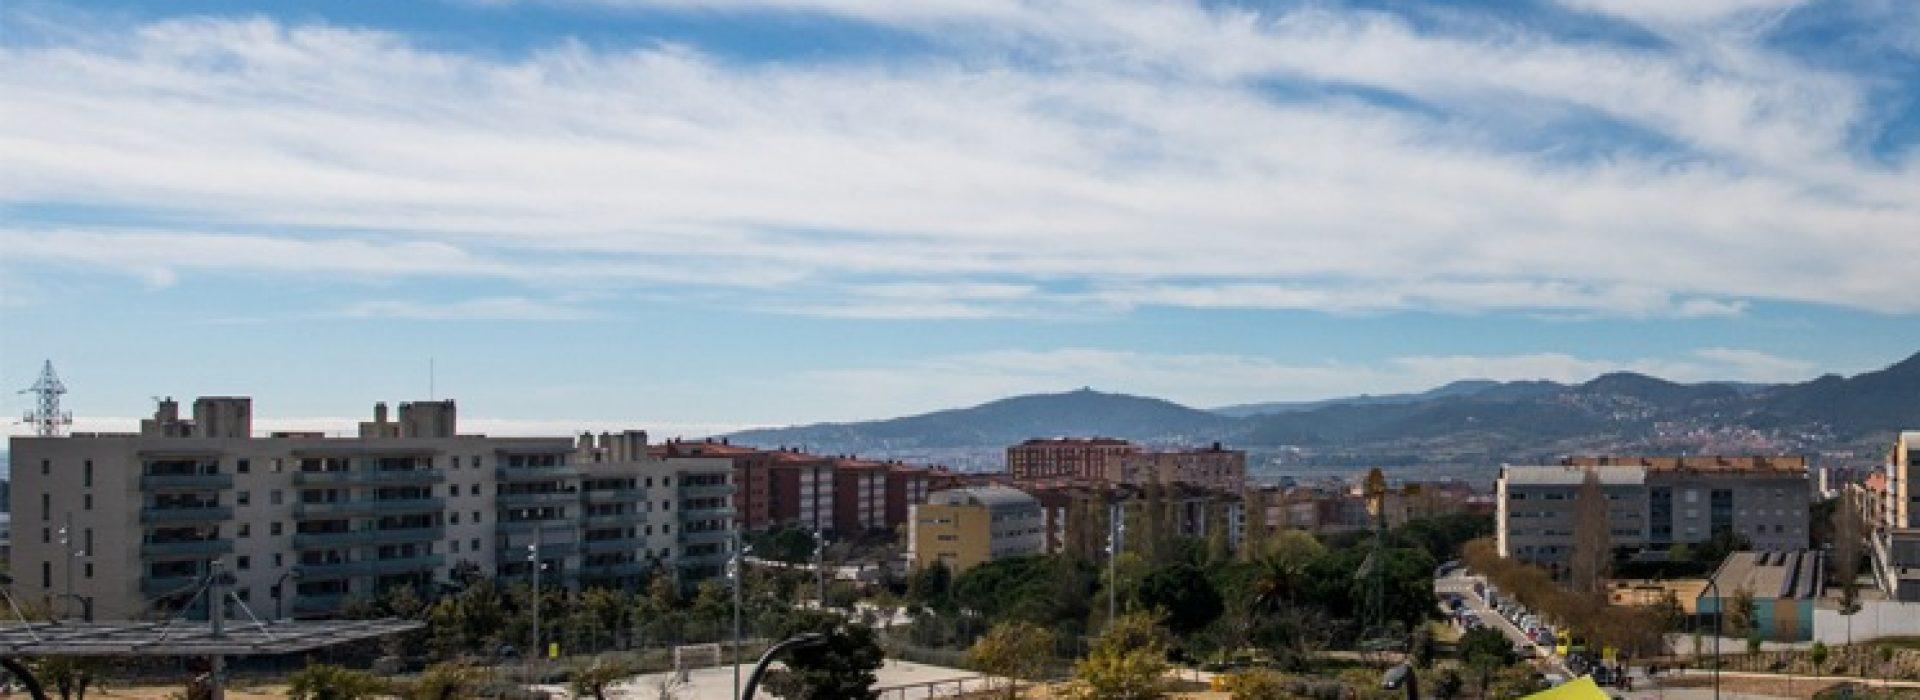 residencial-mas-lluí-parc-unifamiliares01